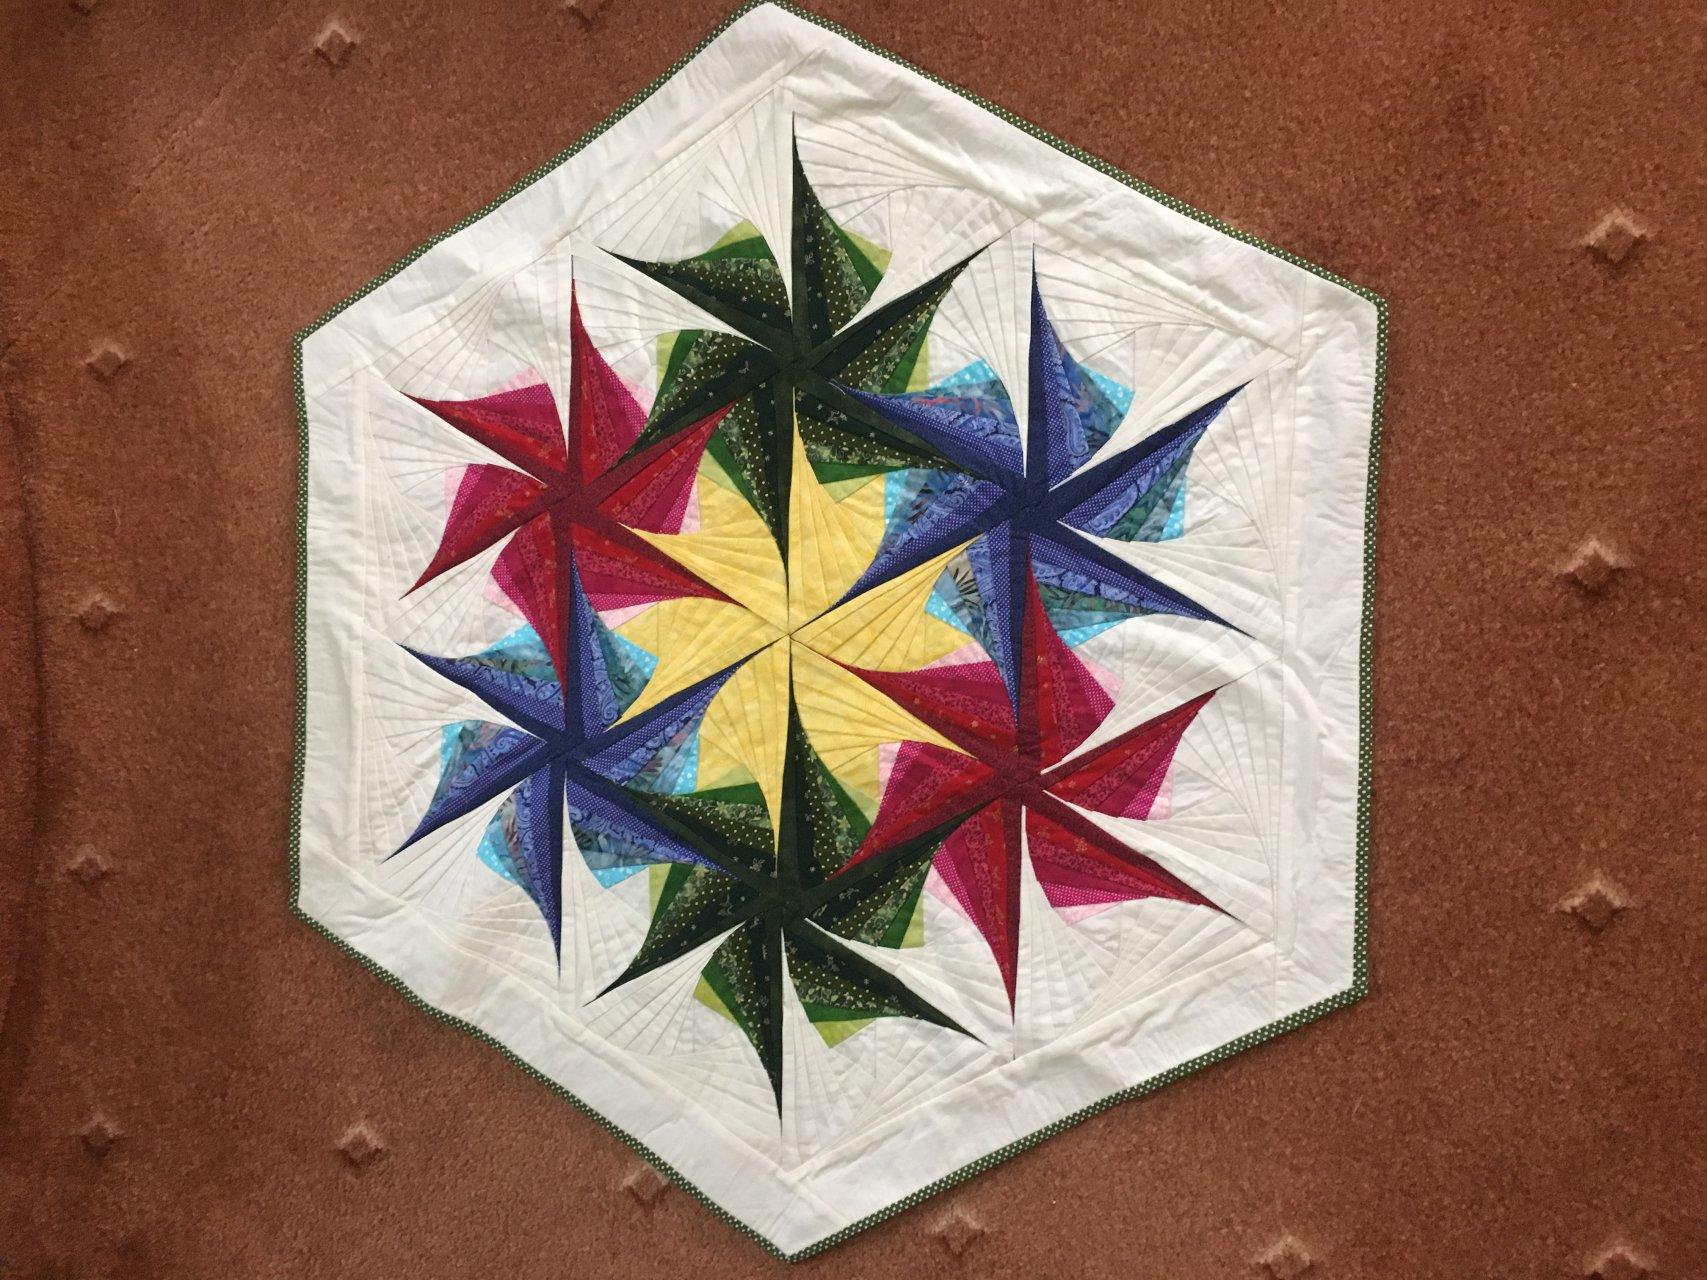 رومیزی رانر توئیست مثلث 97x97 سانتی متر